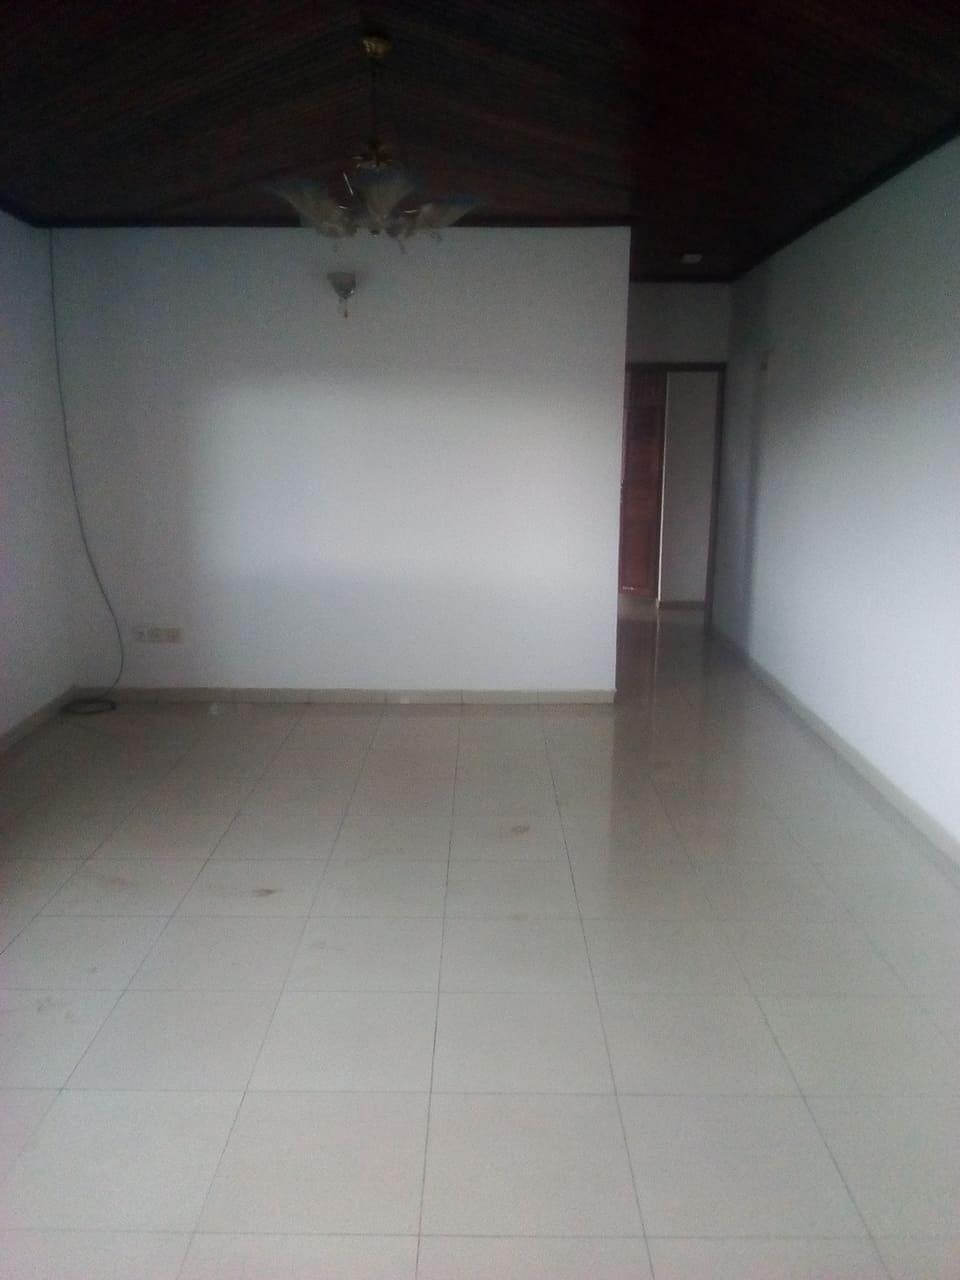 Apartment to rent - Yaoundé, Bastos, Pas loin du bliss - 1 living room(s), 1 bedroom(s), 1 bathroom(s) - 250 000 FCFA / month